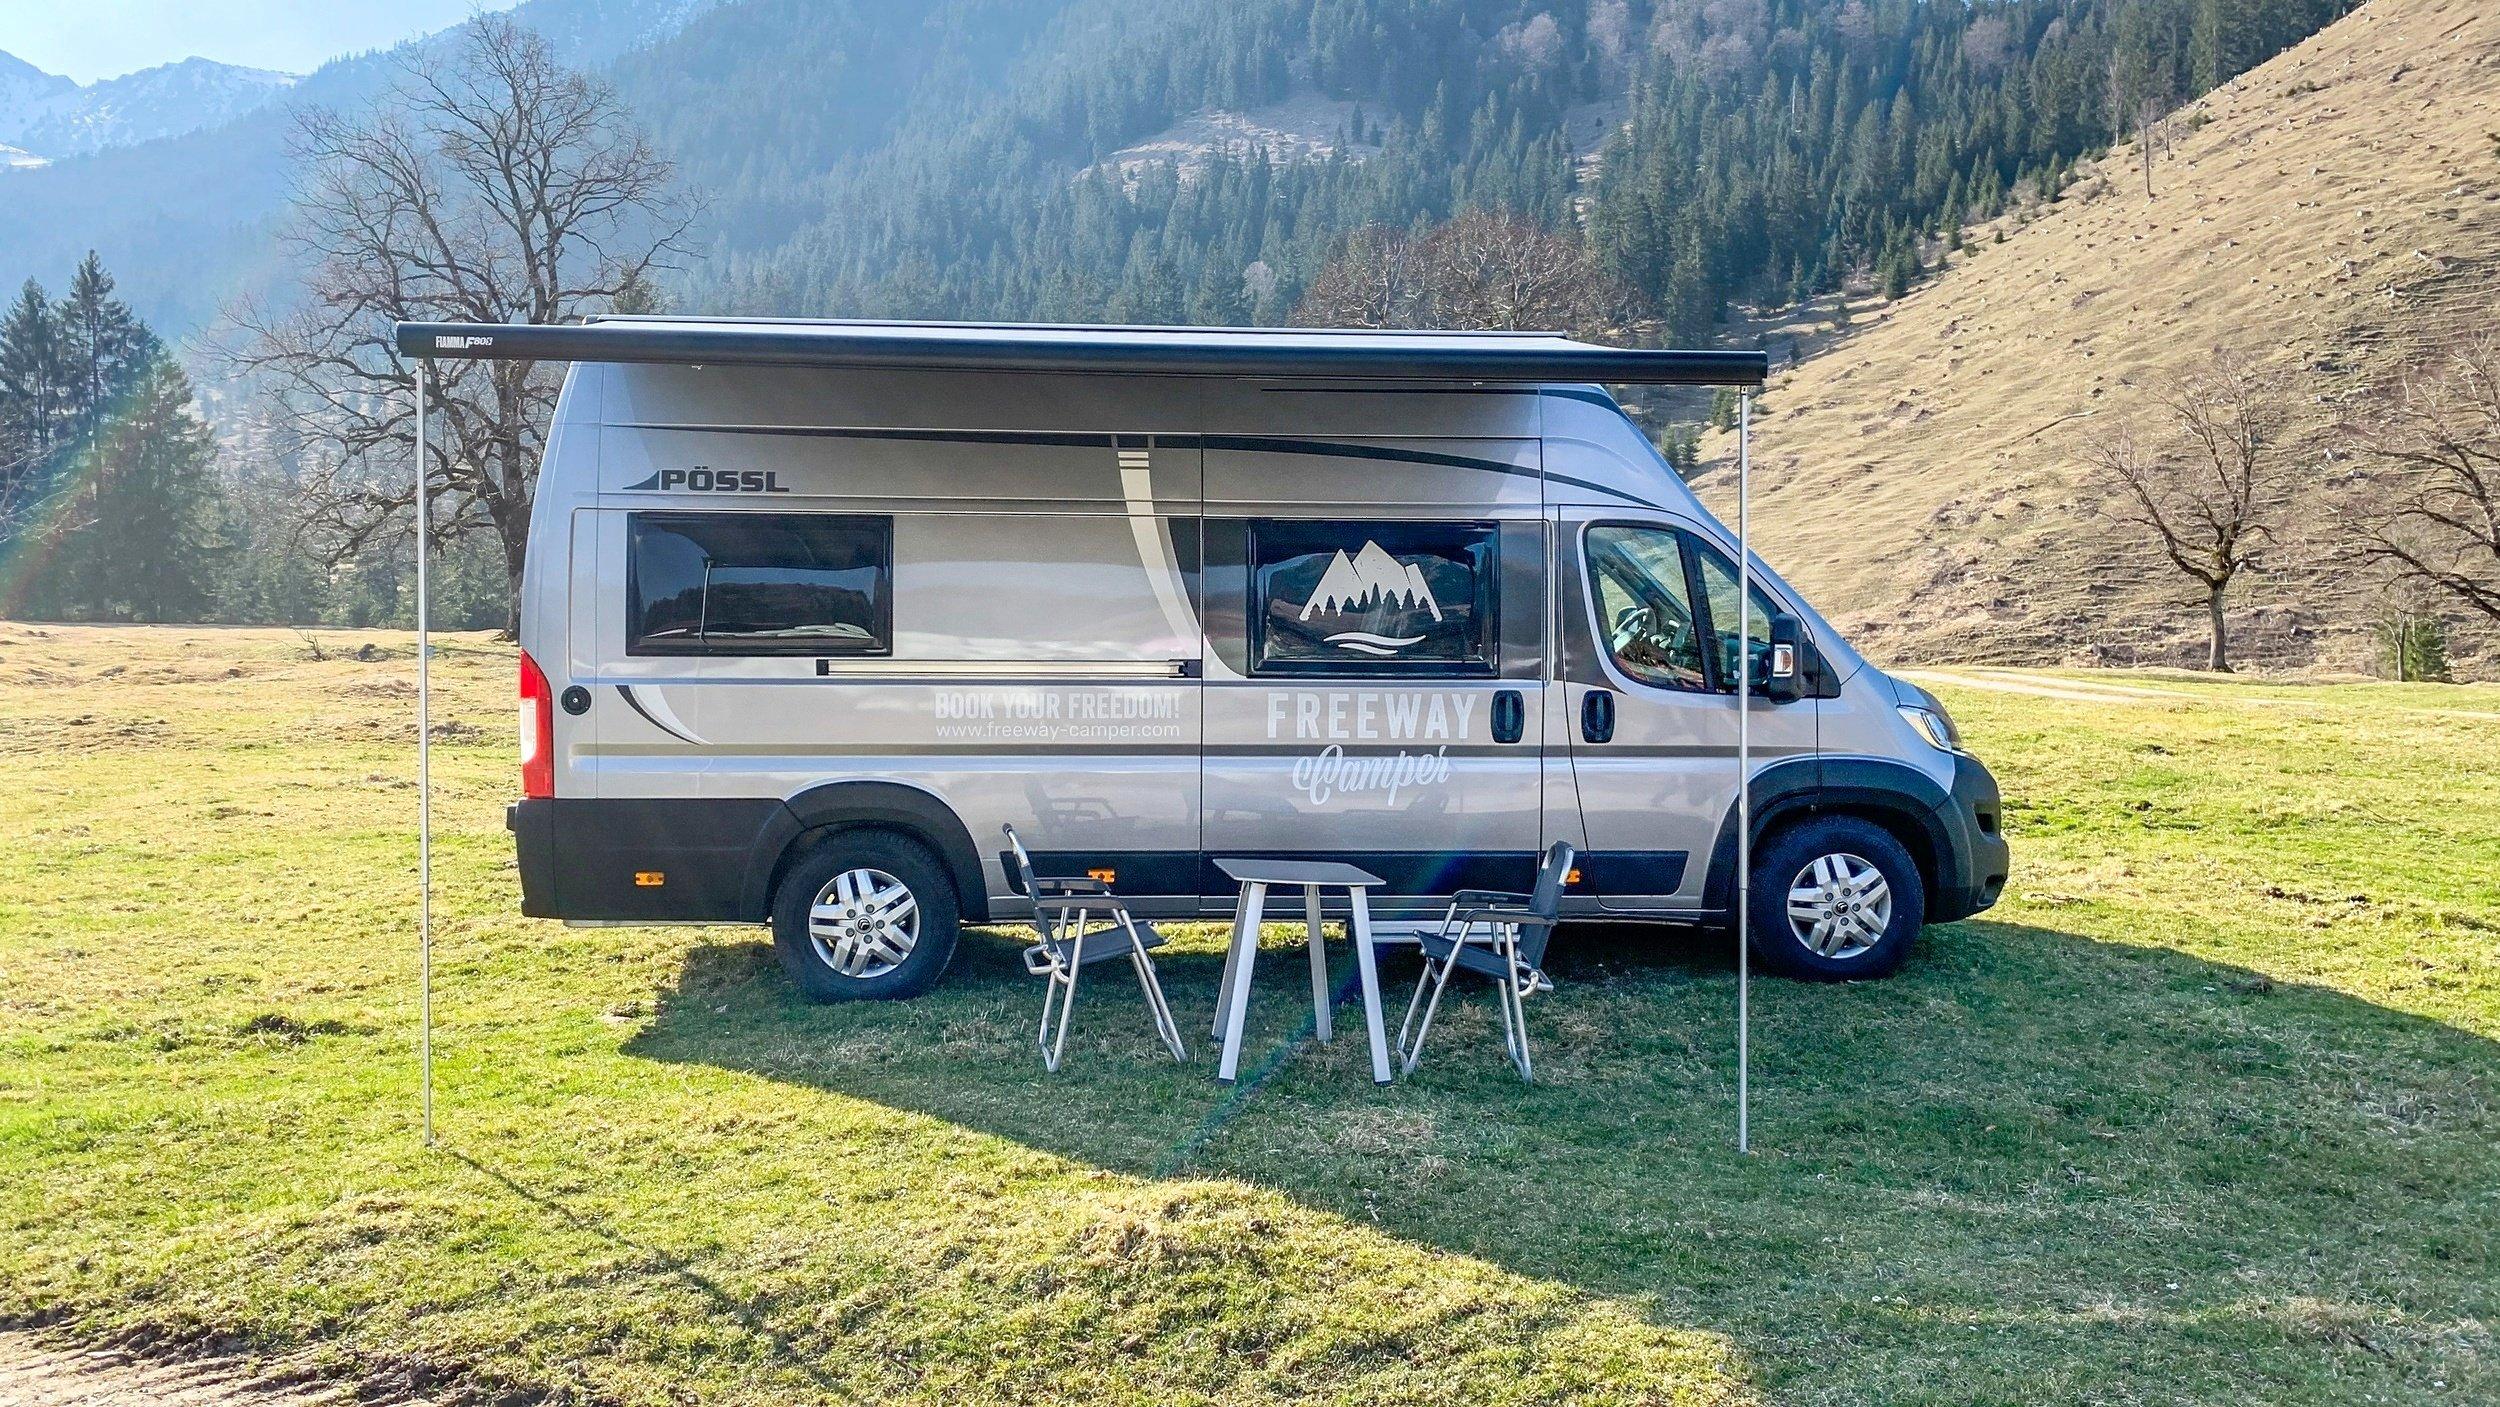 Rental Converted Van Untergiesing Harlaching Possl Roadcruiser Xl 2020 Yescapa